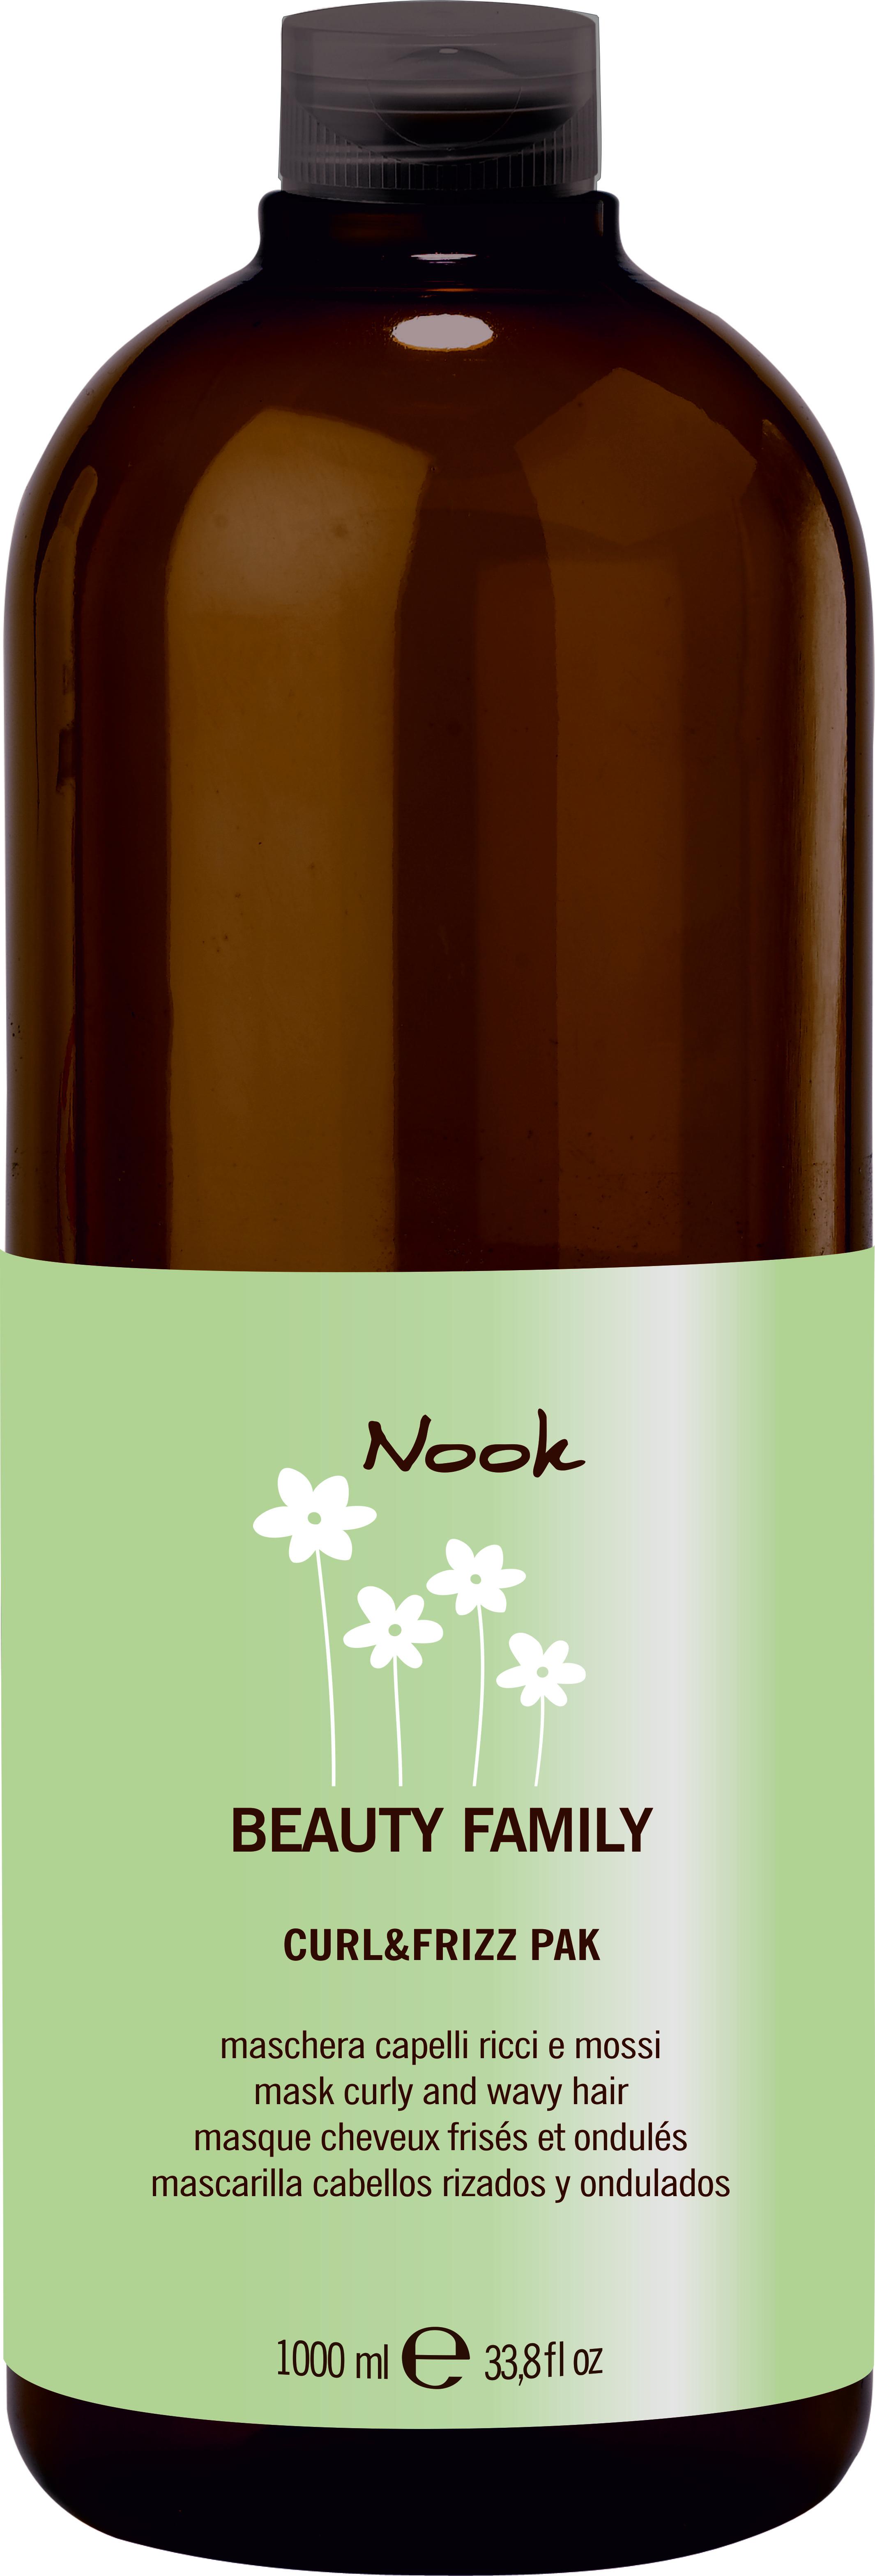 NOOK Маска для кудрявых волос Ph 5,0 / Curl  Friz Pak BEAUTY FAMILY 1000 мл